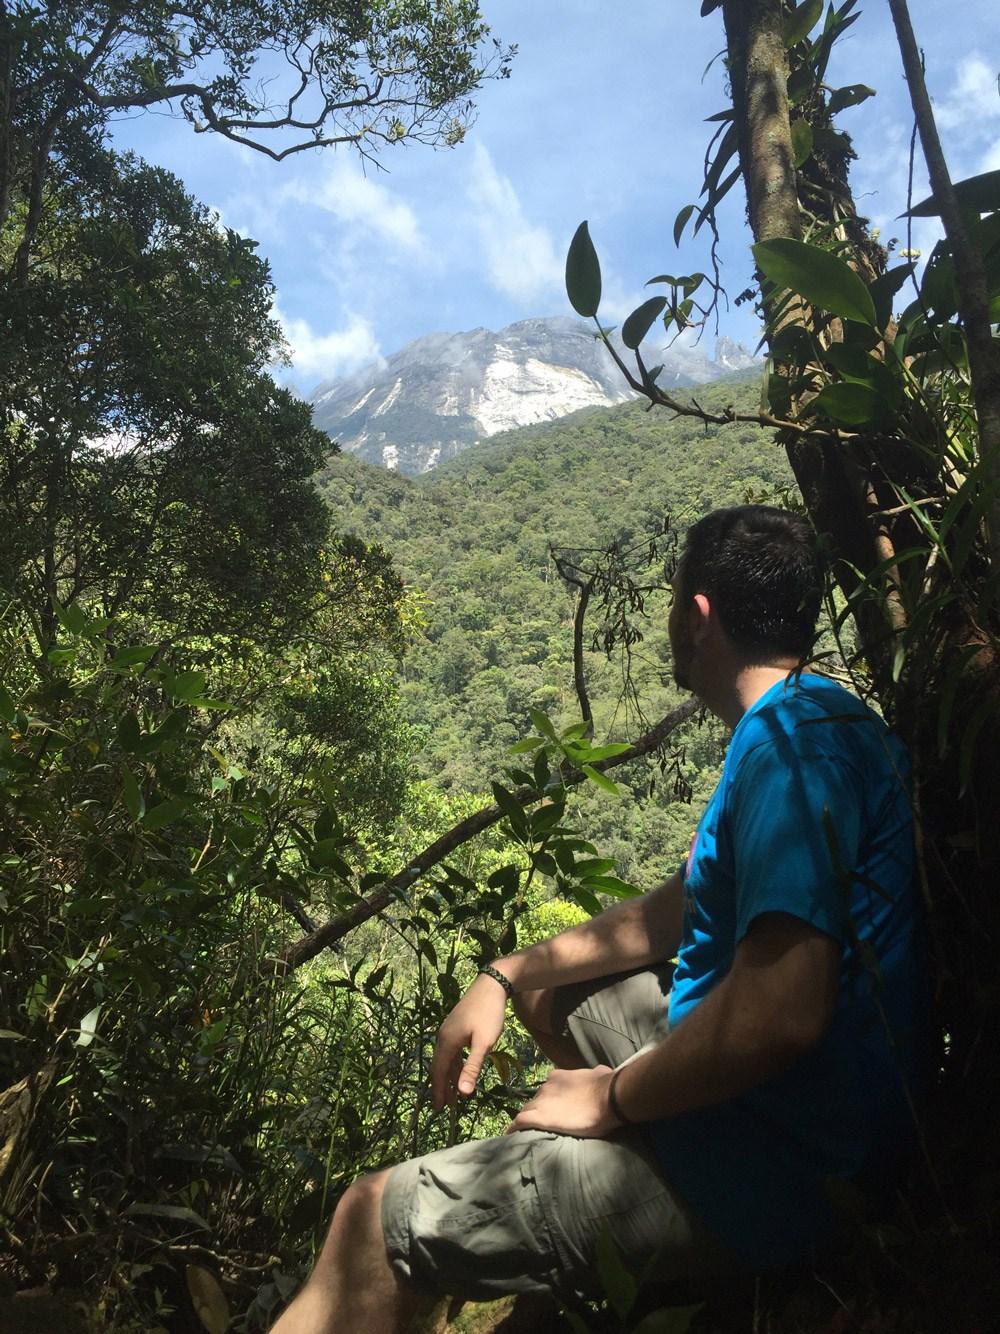 Nur selten gelingt einem dabei der Blick durch das dichte Blätterdach auf die Spitze des Berges